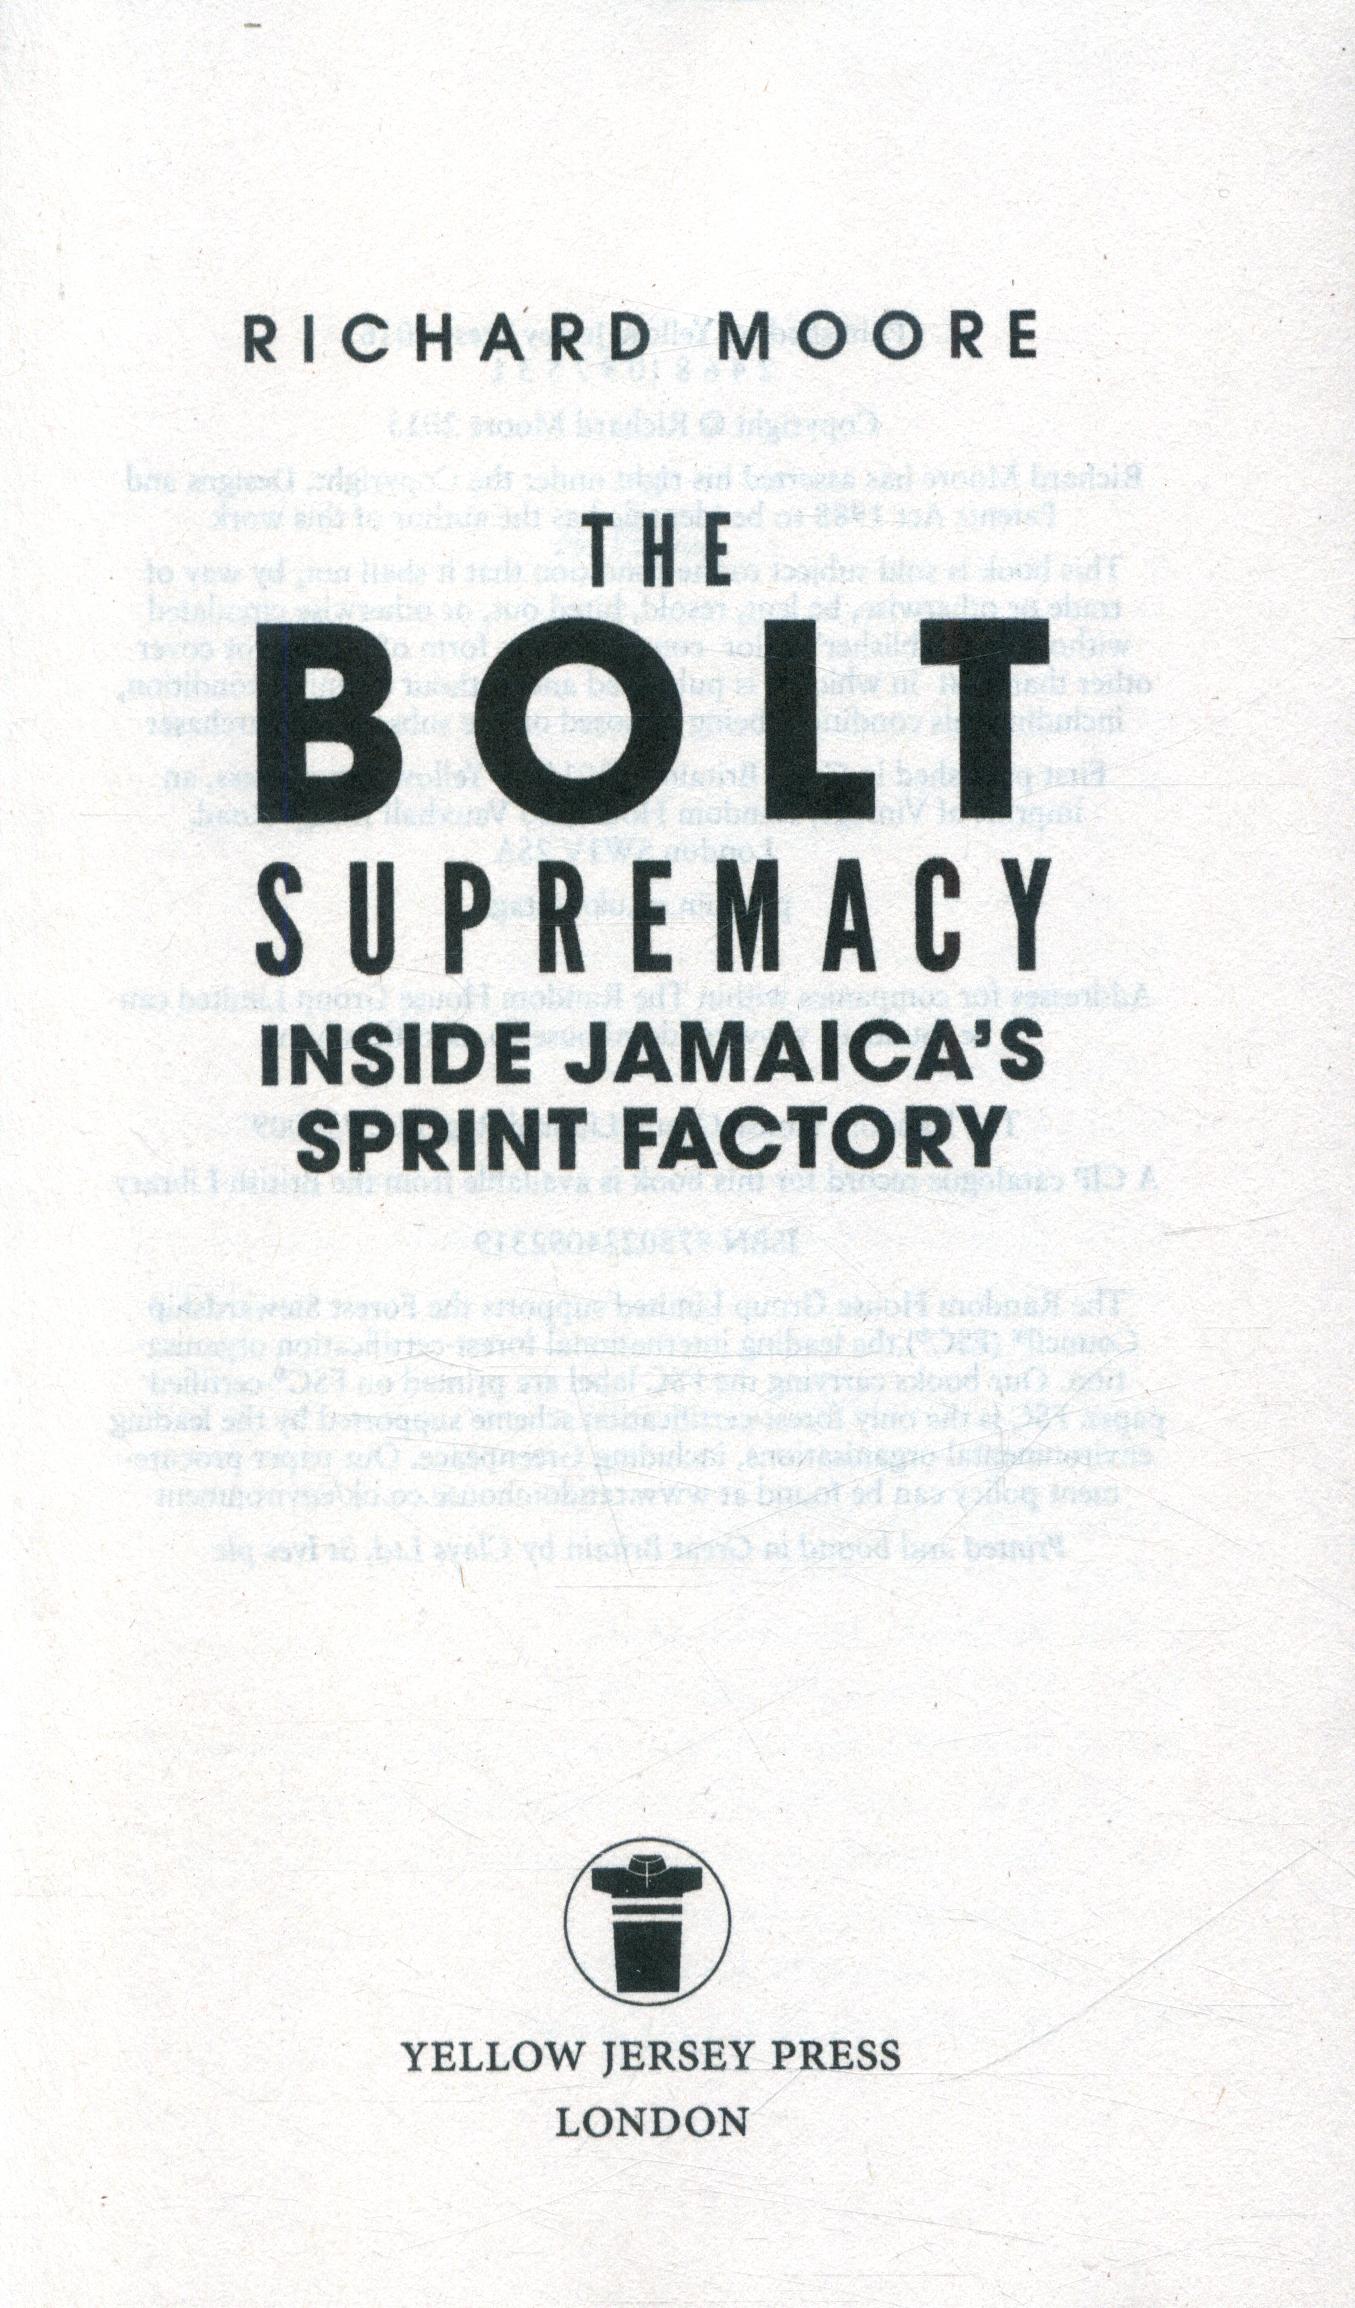 The Bolt supremacy : inside Jamaica's sprint factory